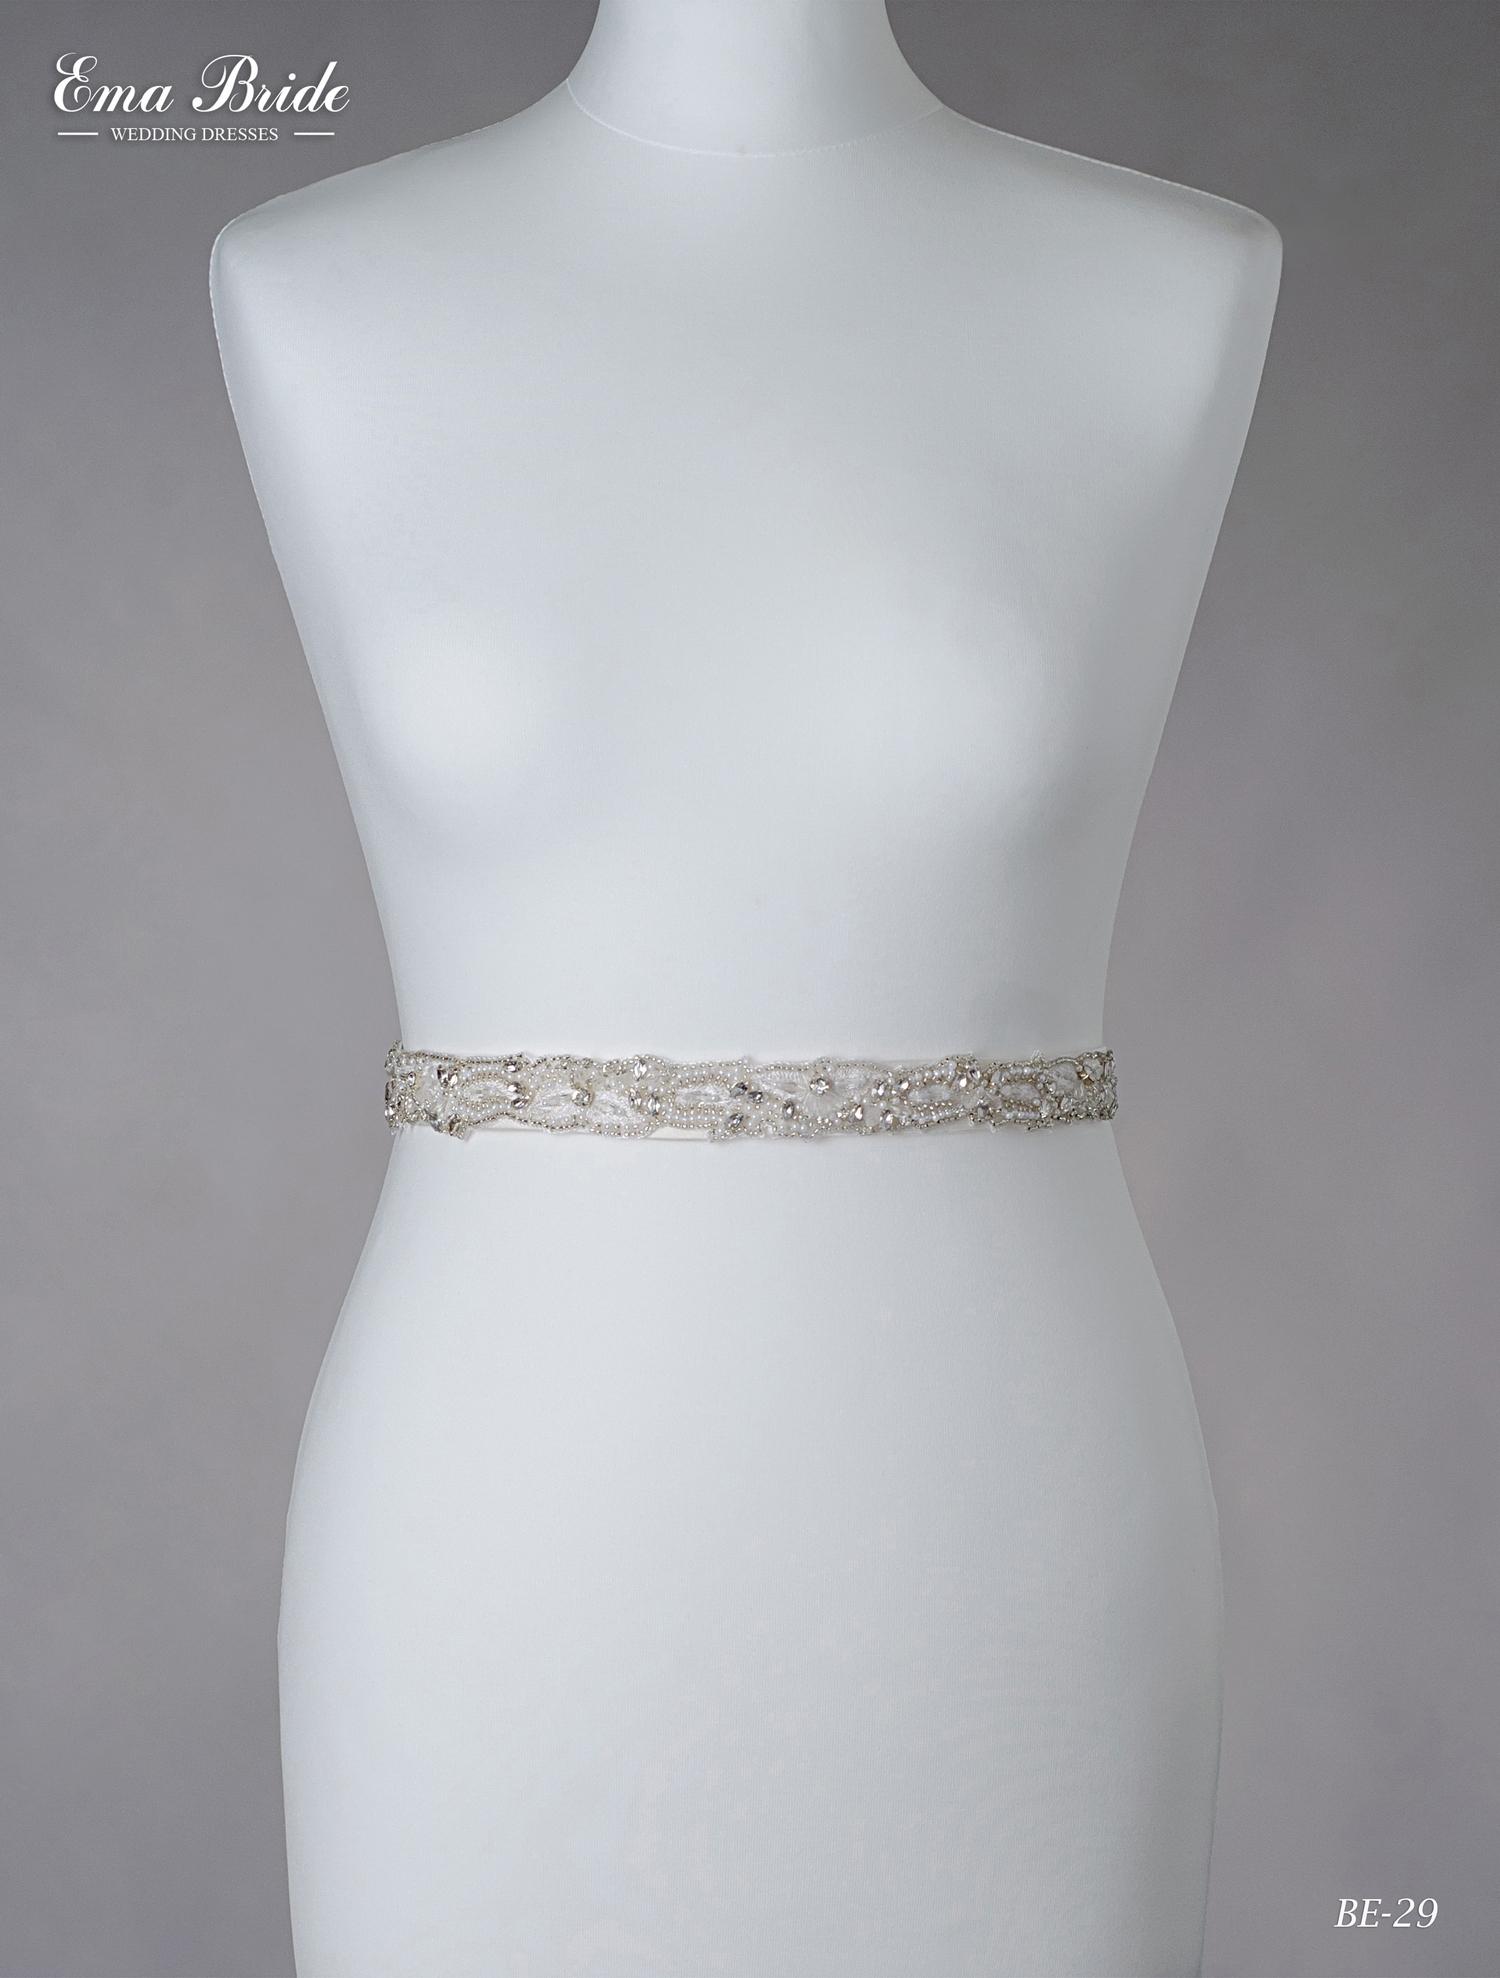 A belt for a wedding dress Be-29